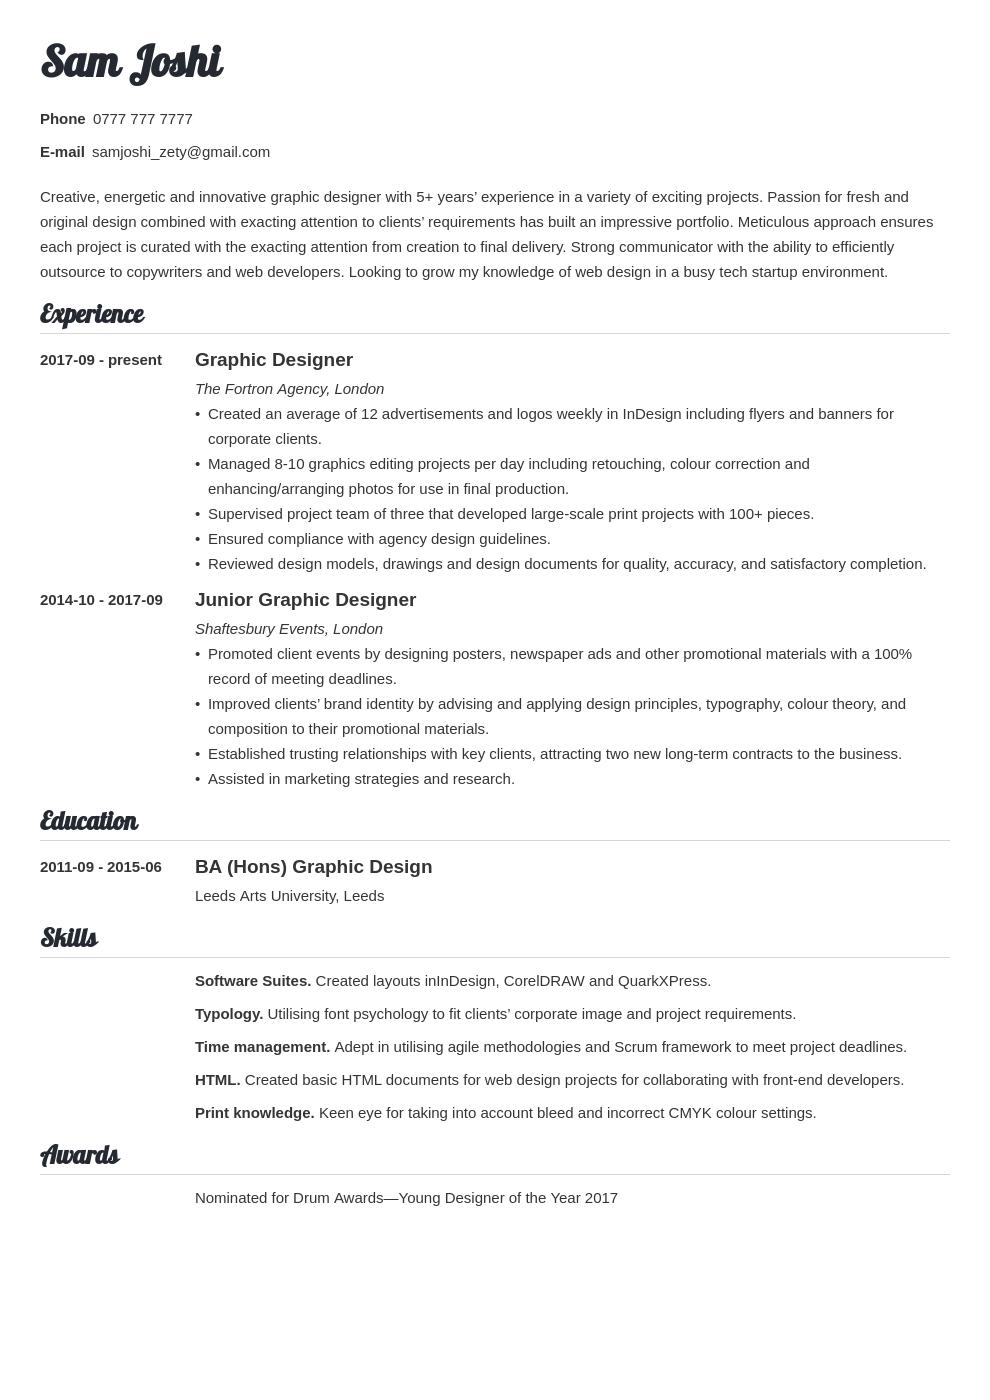 uk graphic designer cv example template valera in 2020